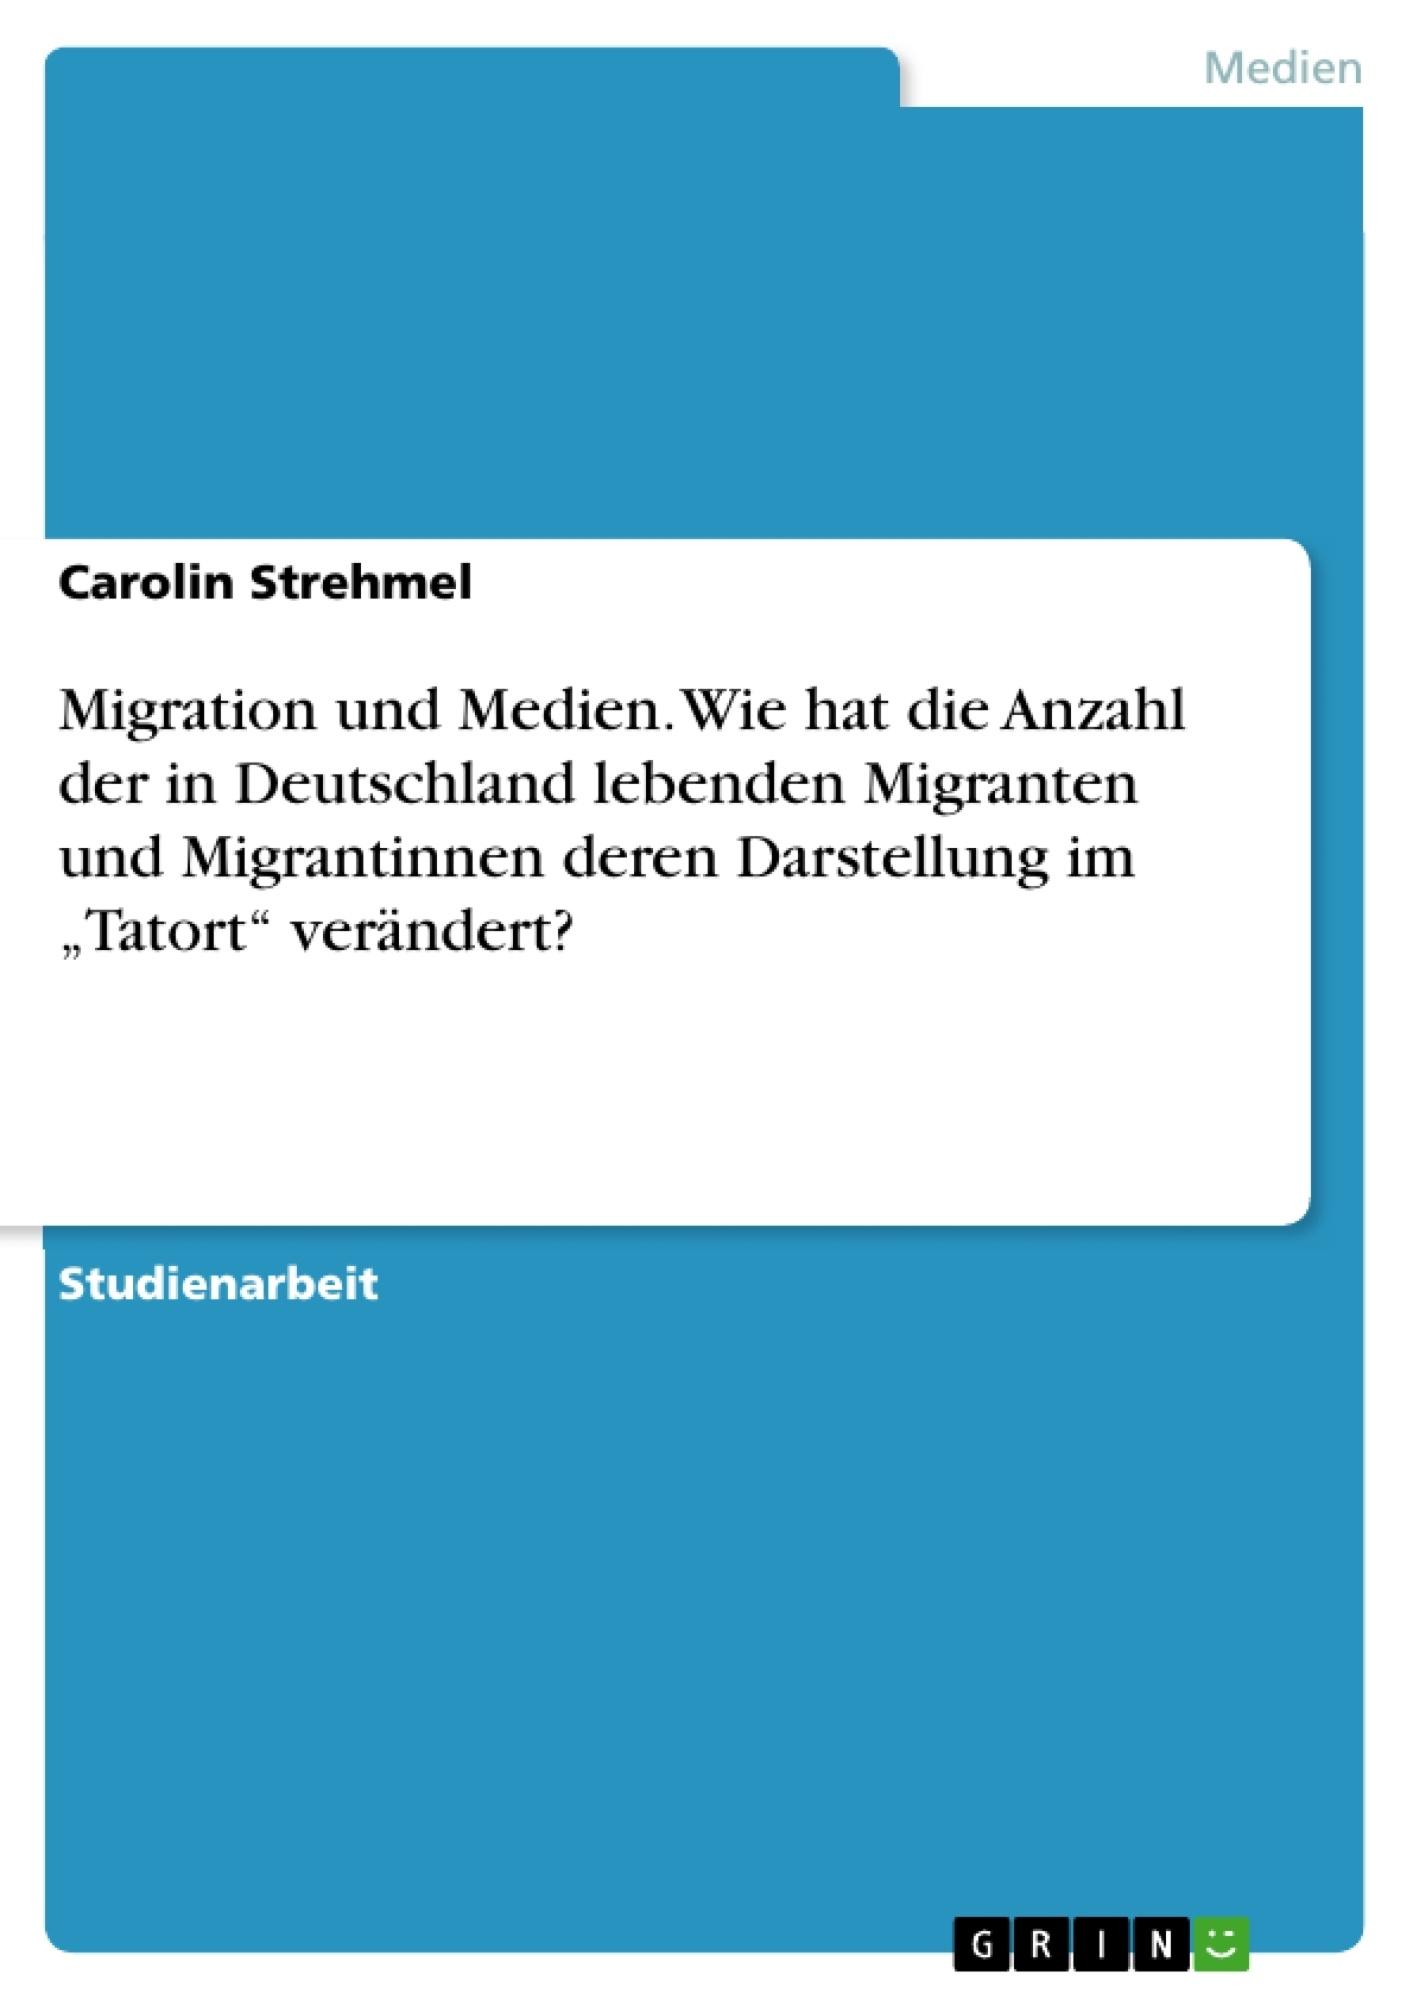 """Titel: Migration und Medien. Wie hat die Anzahl der in Deutschland lebenden Migranten und Migrantinnen deren Darstellung im """"Tatort"""" verändert?"""